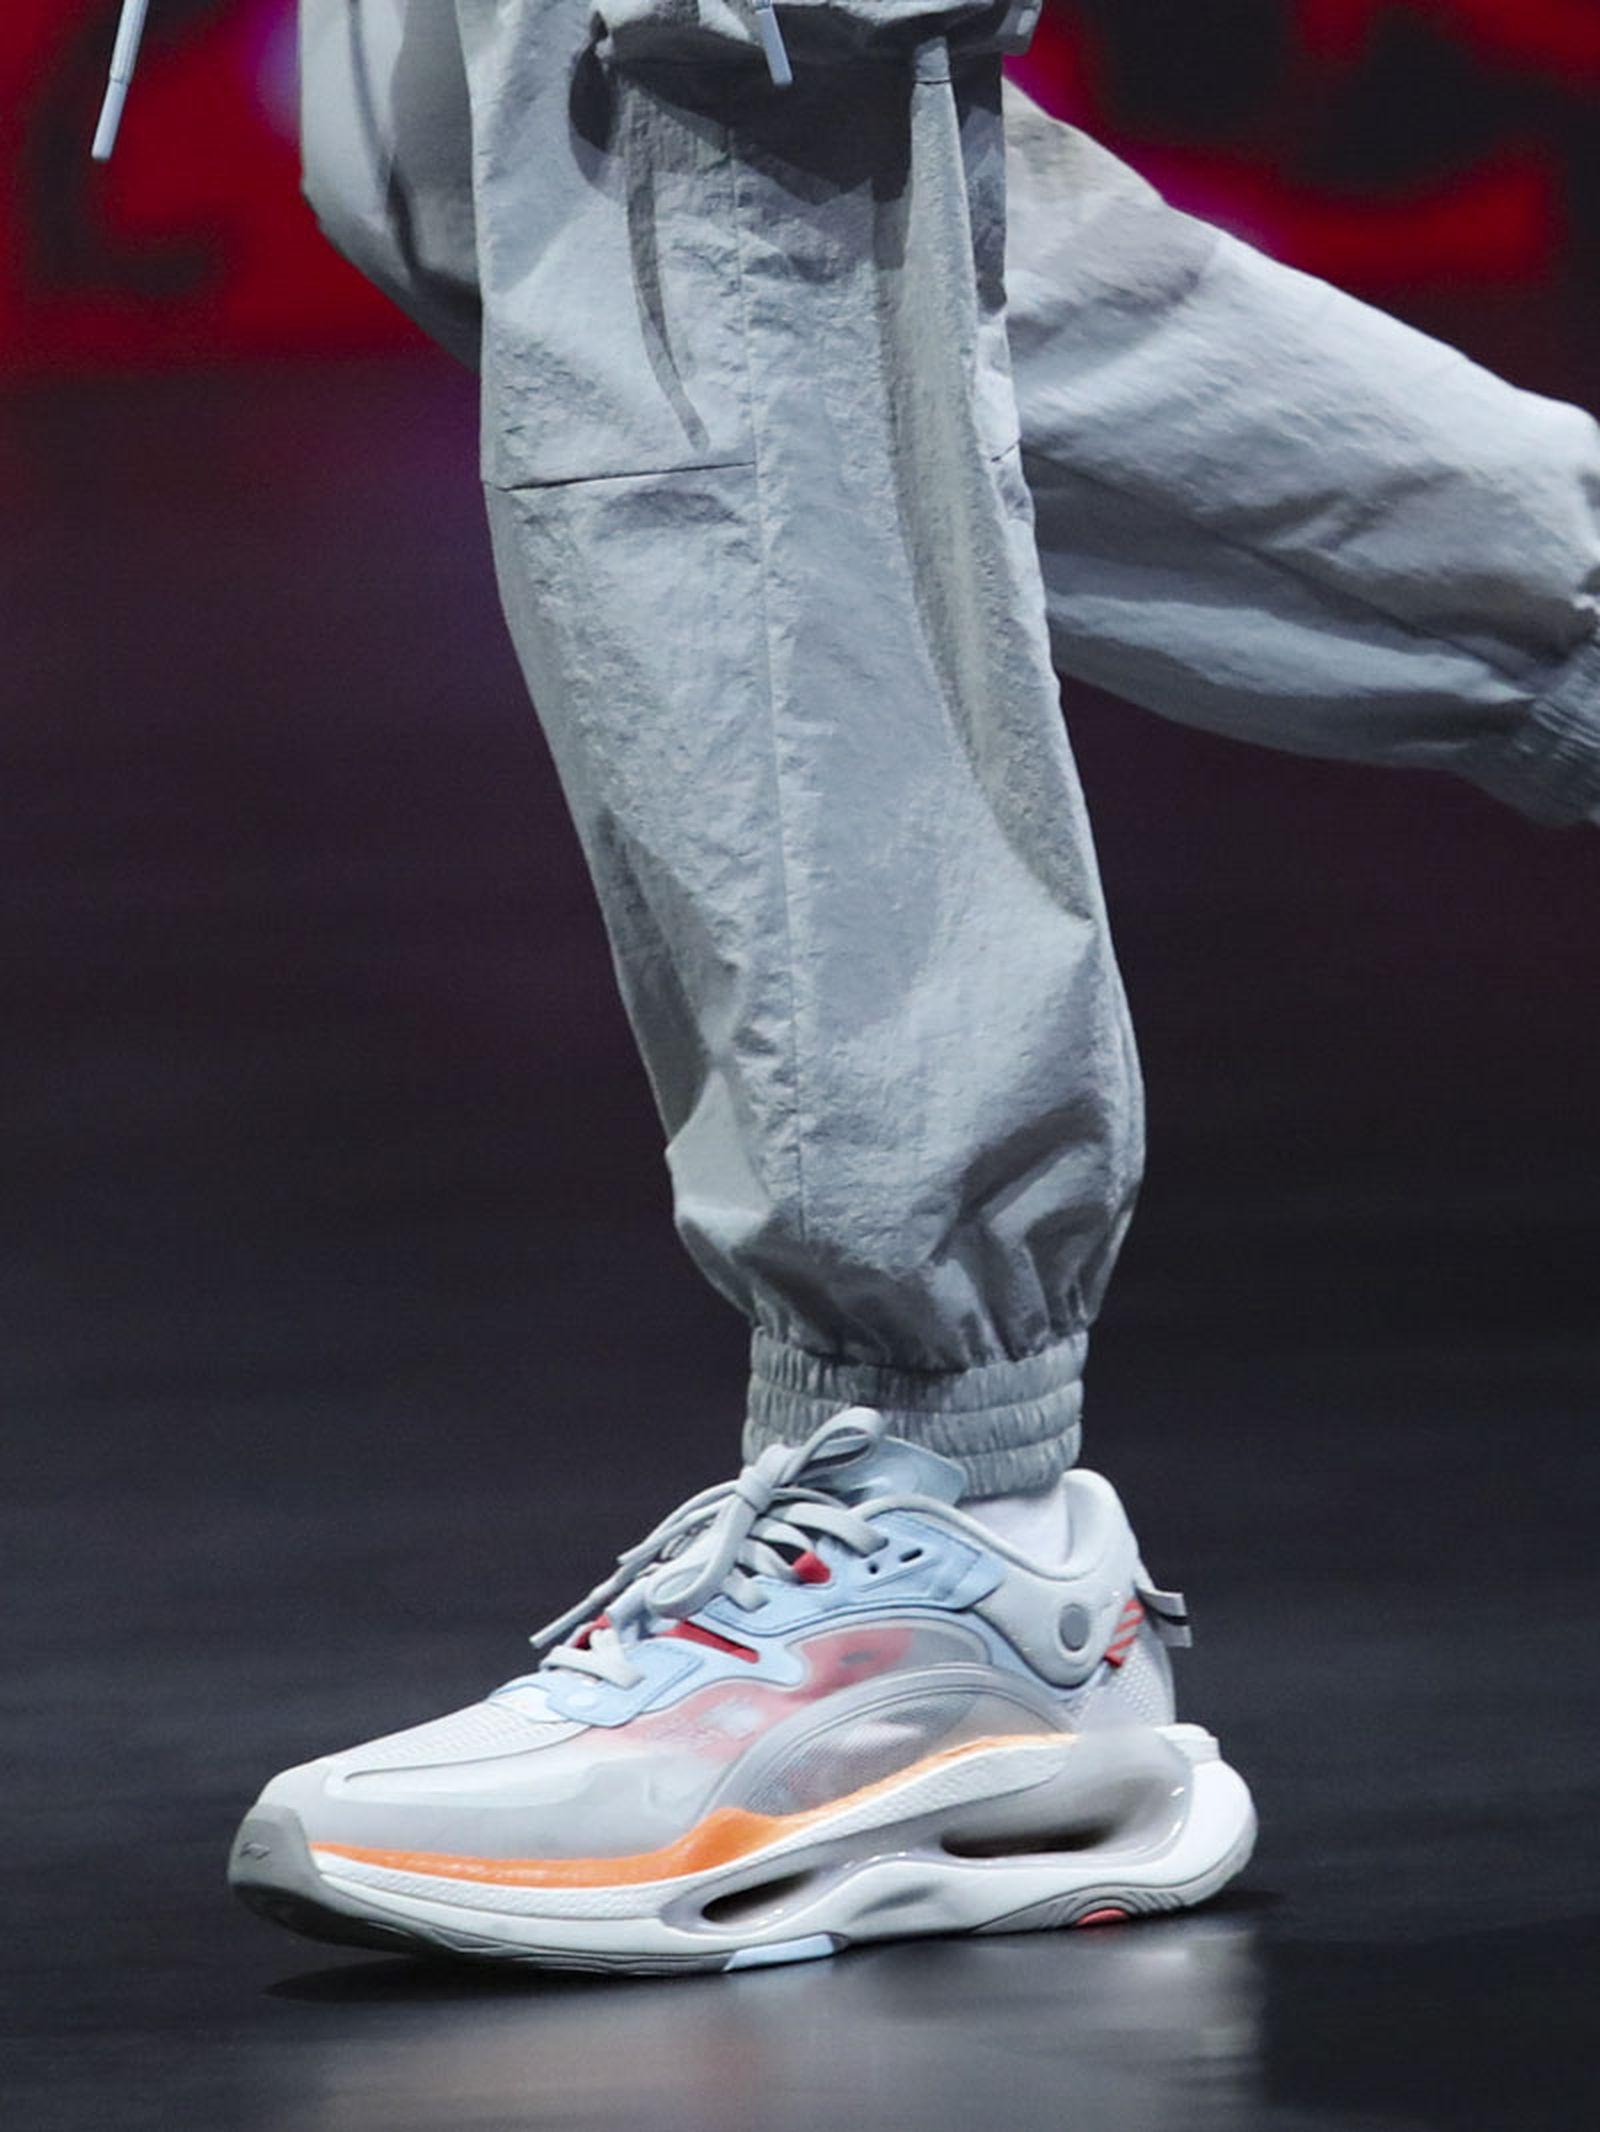 li-ning-ss21-footwear-collection-paris-fashion-week-011